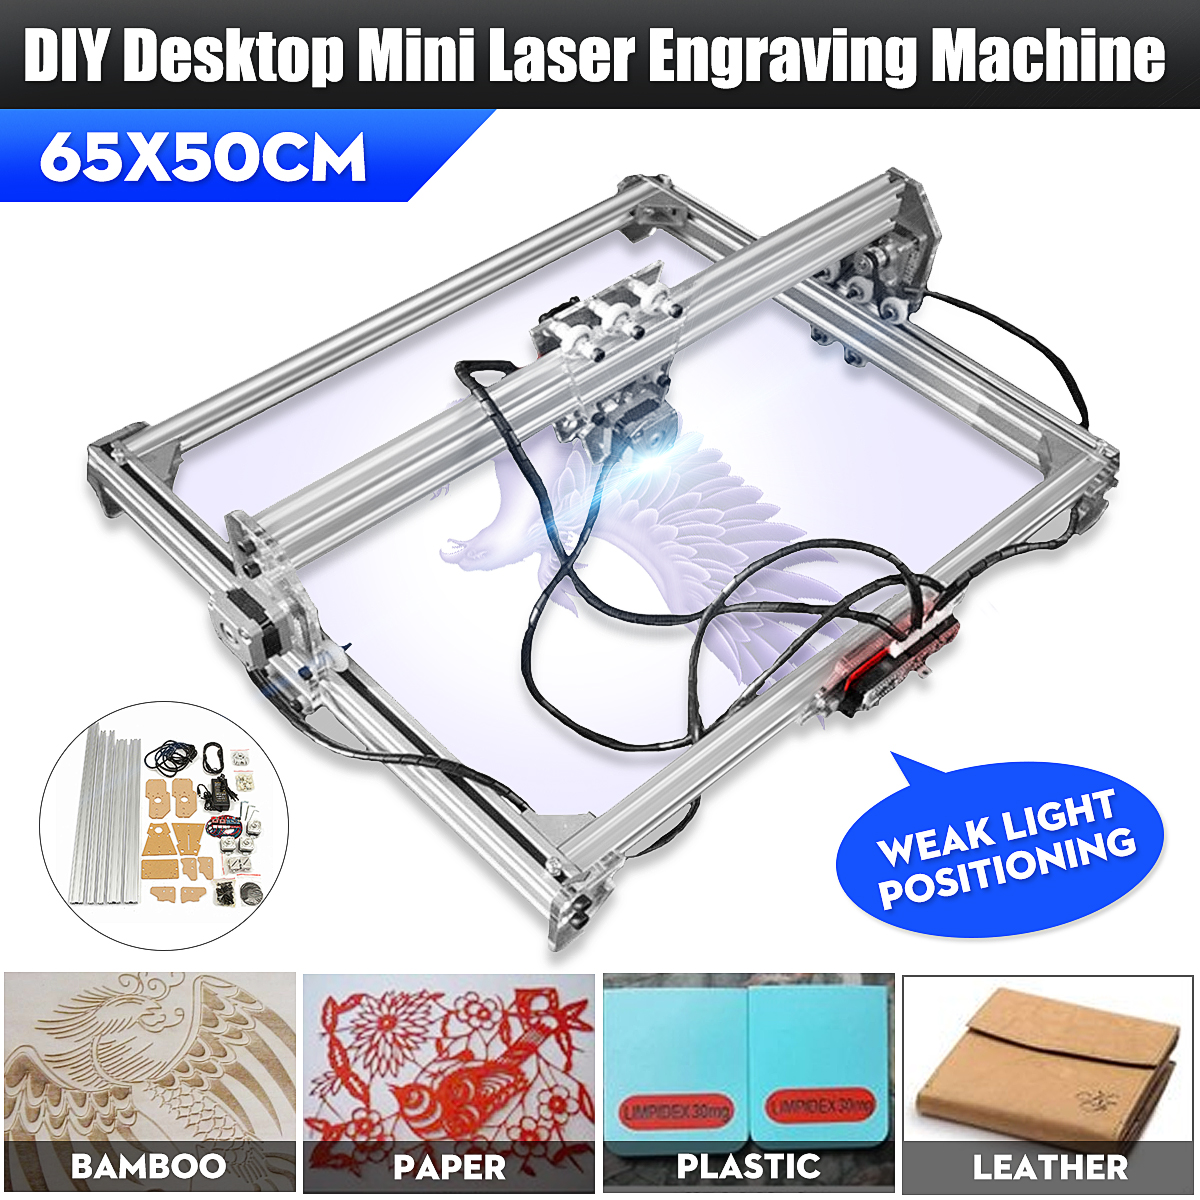 """20""""X26"""" DC 12V DIY Desktop Mini Laser Engraving Cutting Machine Printer Kit CNC Engraver"""